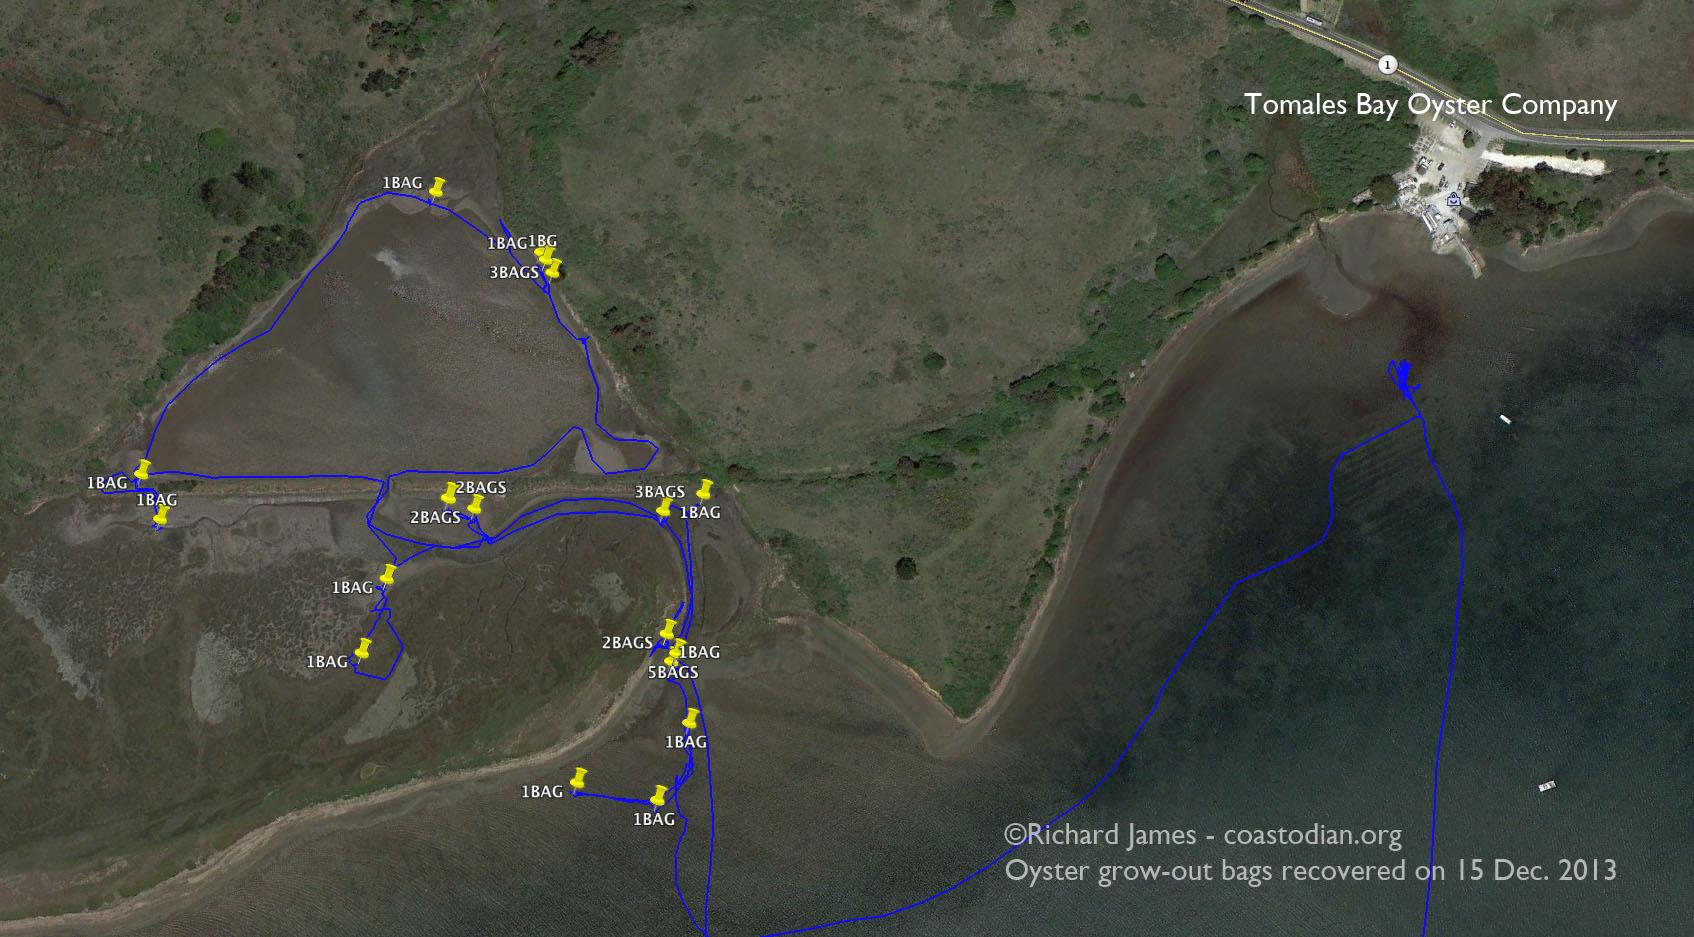 RJames.map.2013.12.15 Litter